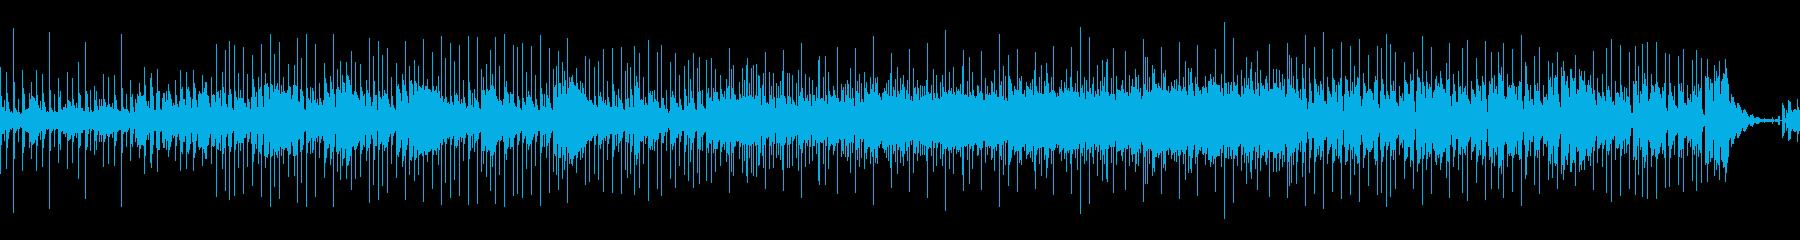 重い岩 サスペンス アクション 技...の再生済みの波形